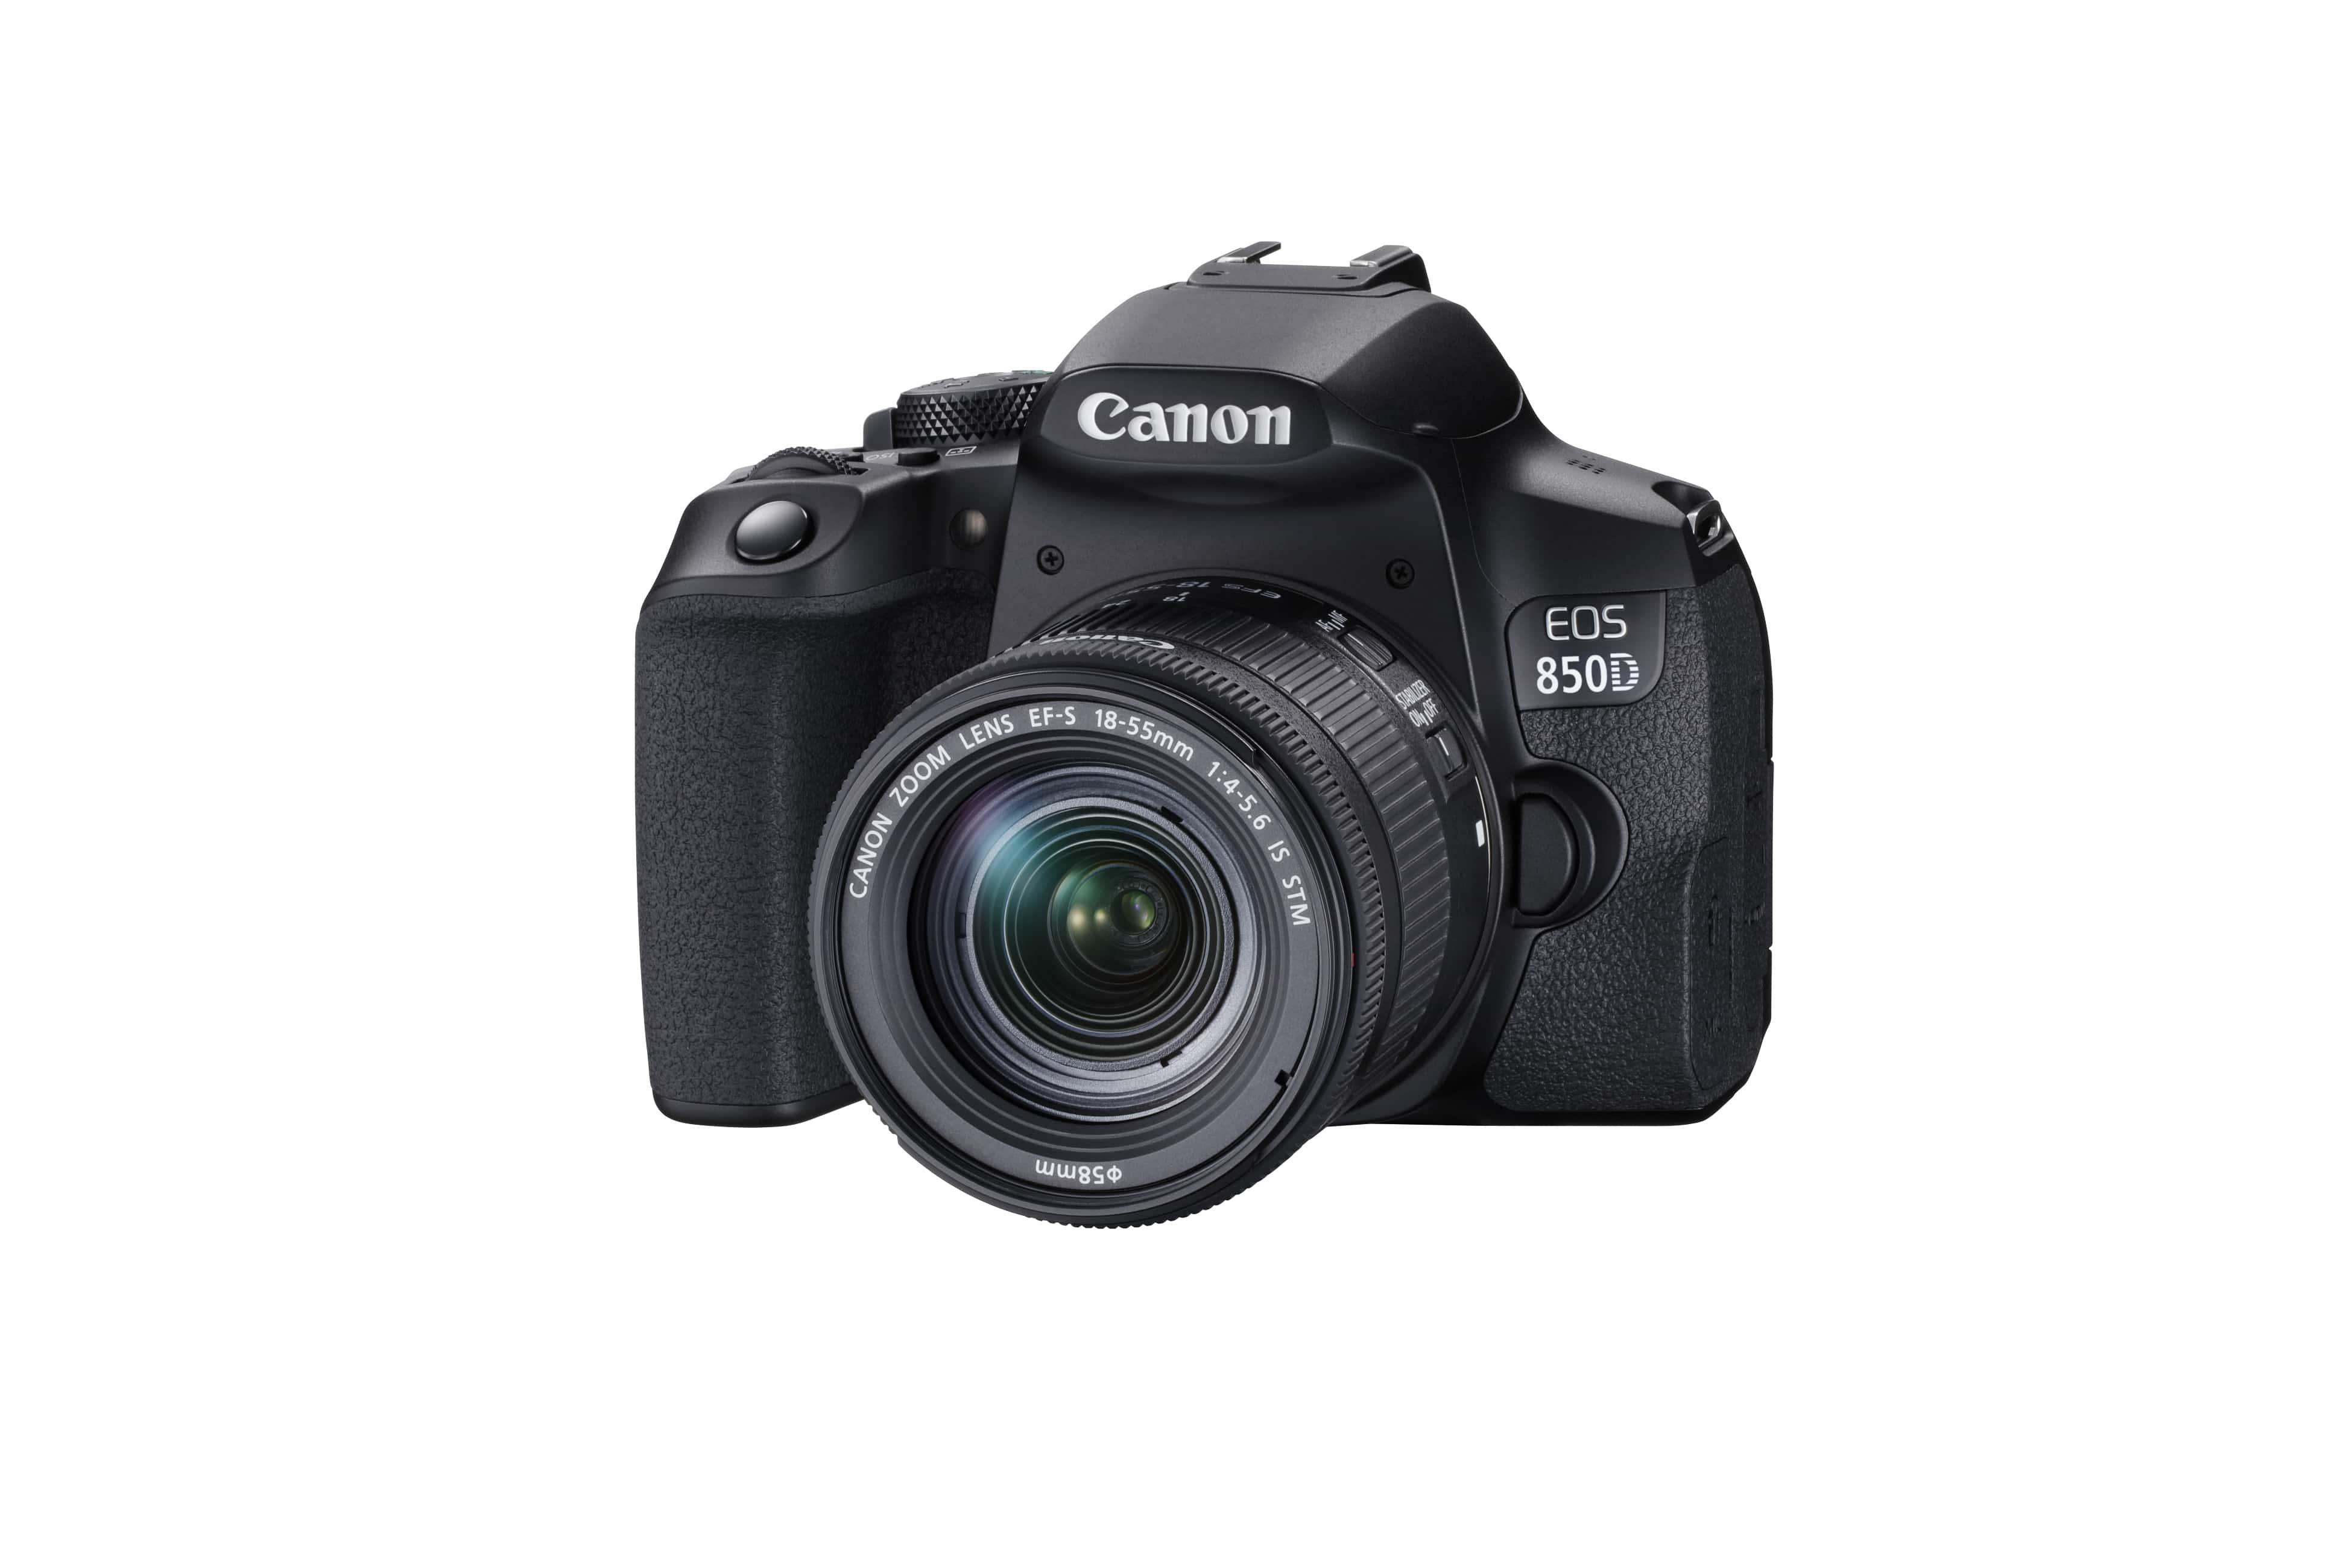 EOS 850D w Kit Lens Front Slant-min.jpg